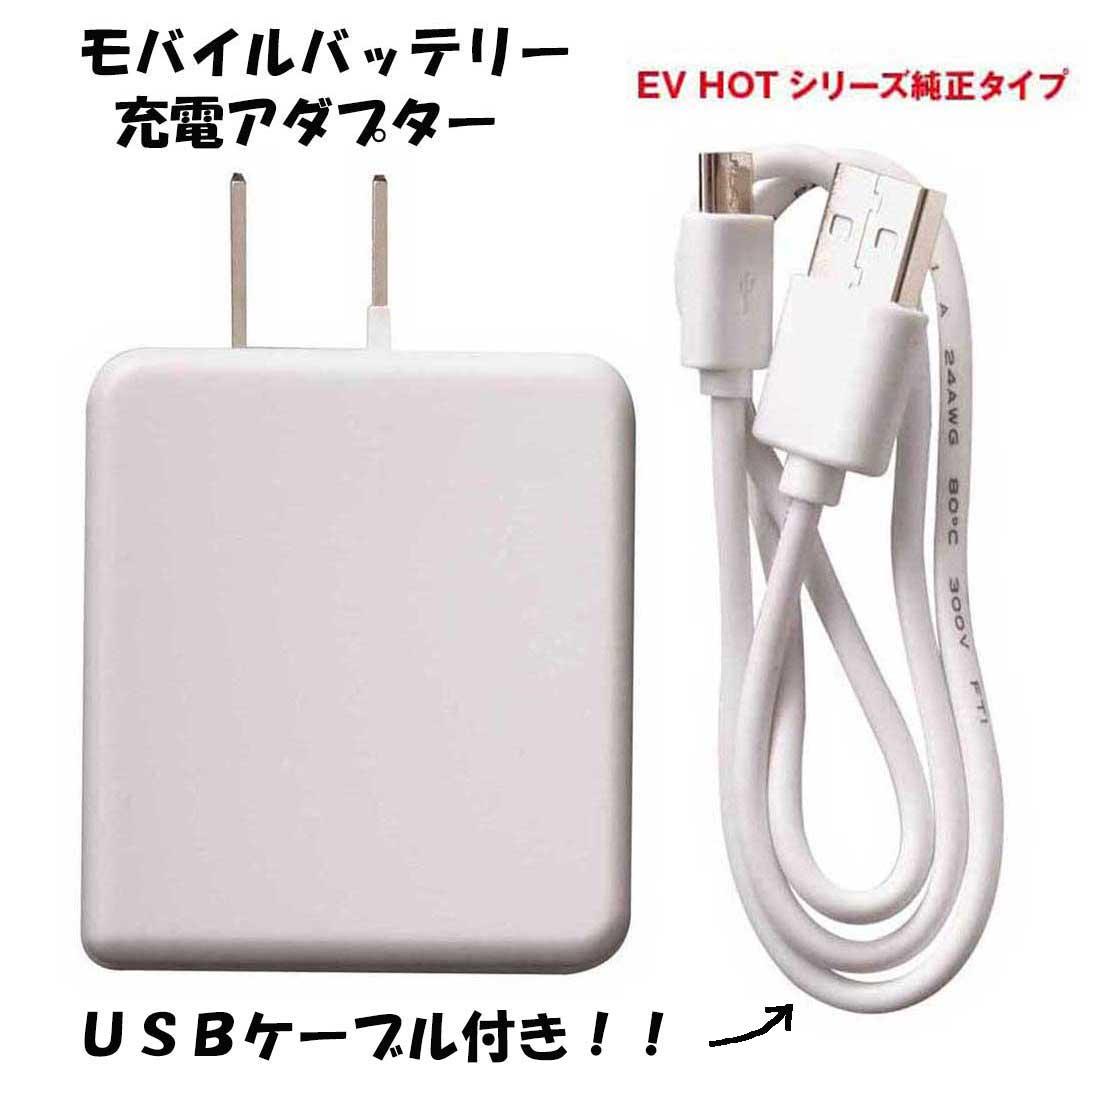 モバイルバッテリー充電アダプター